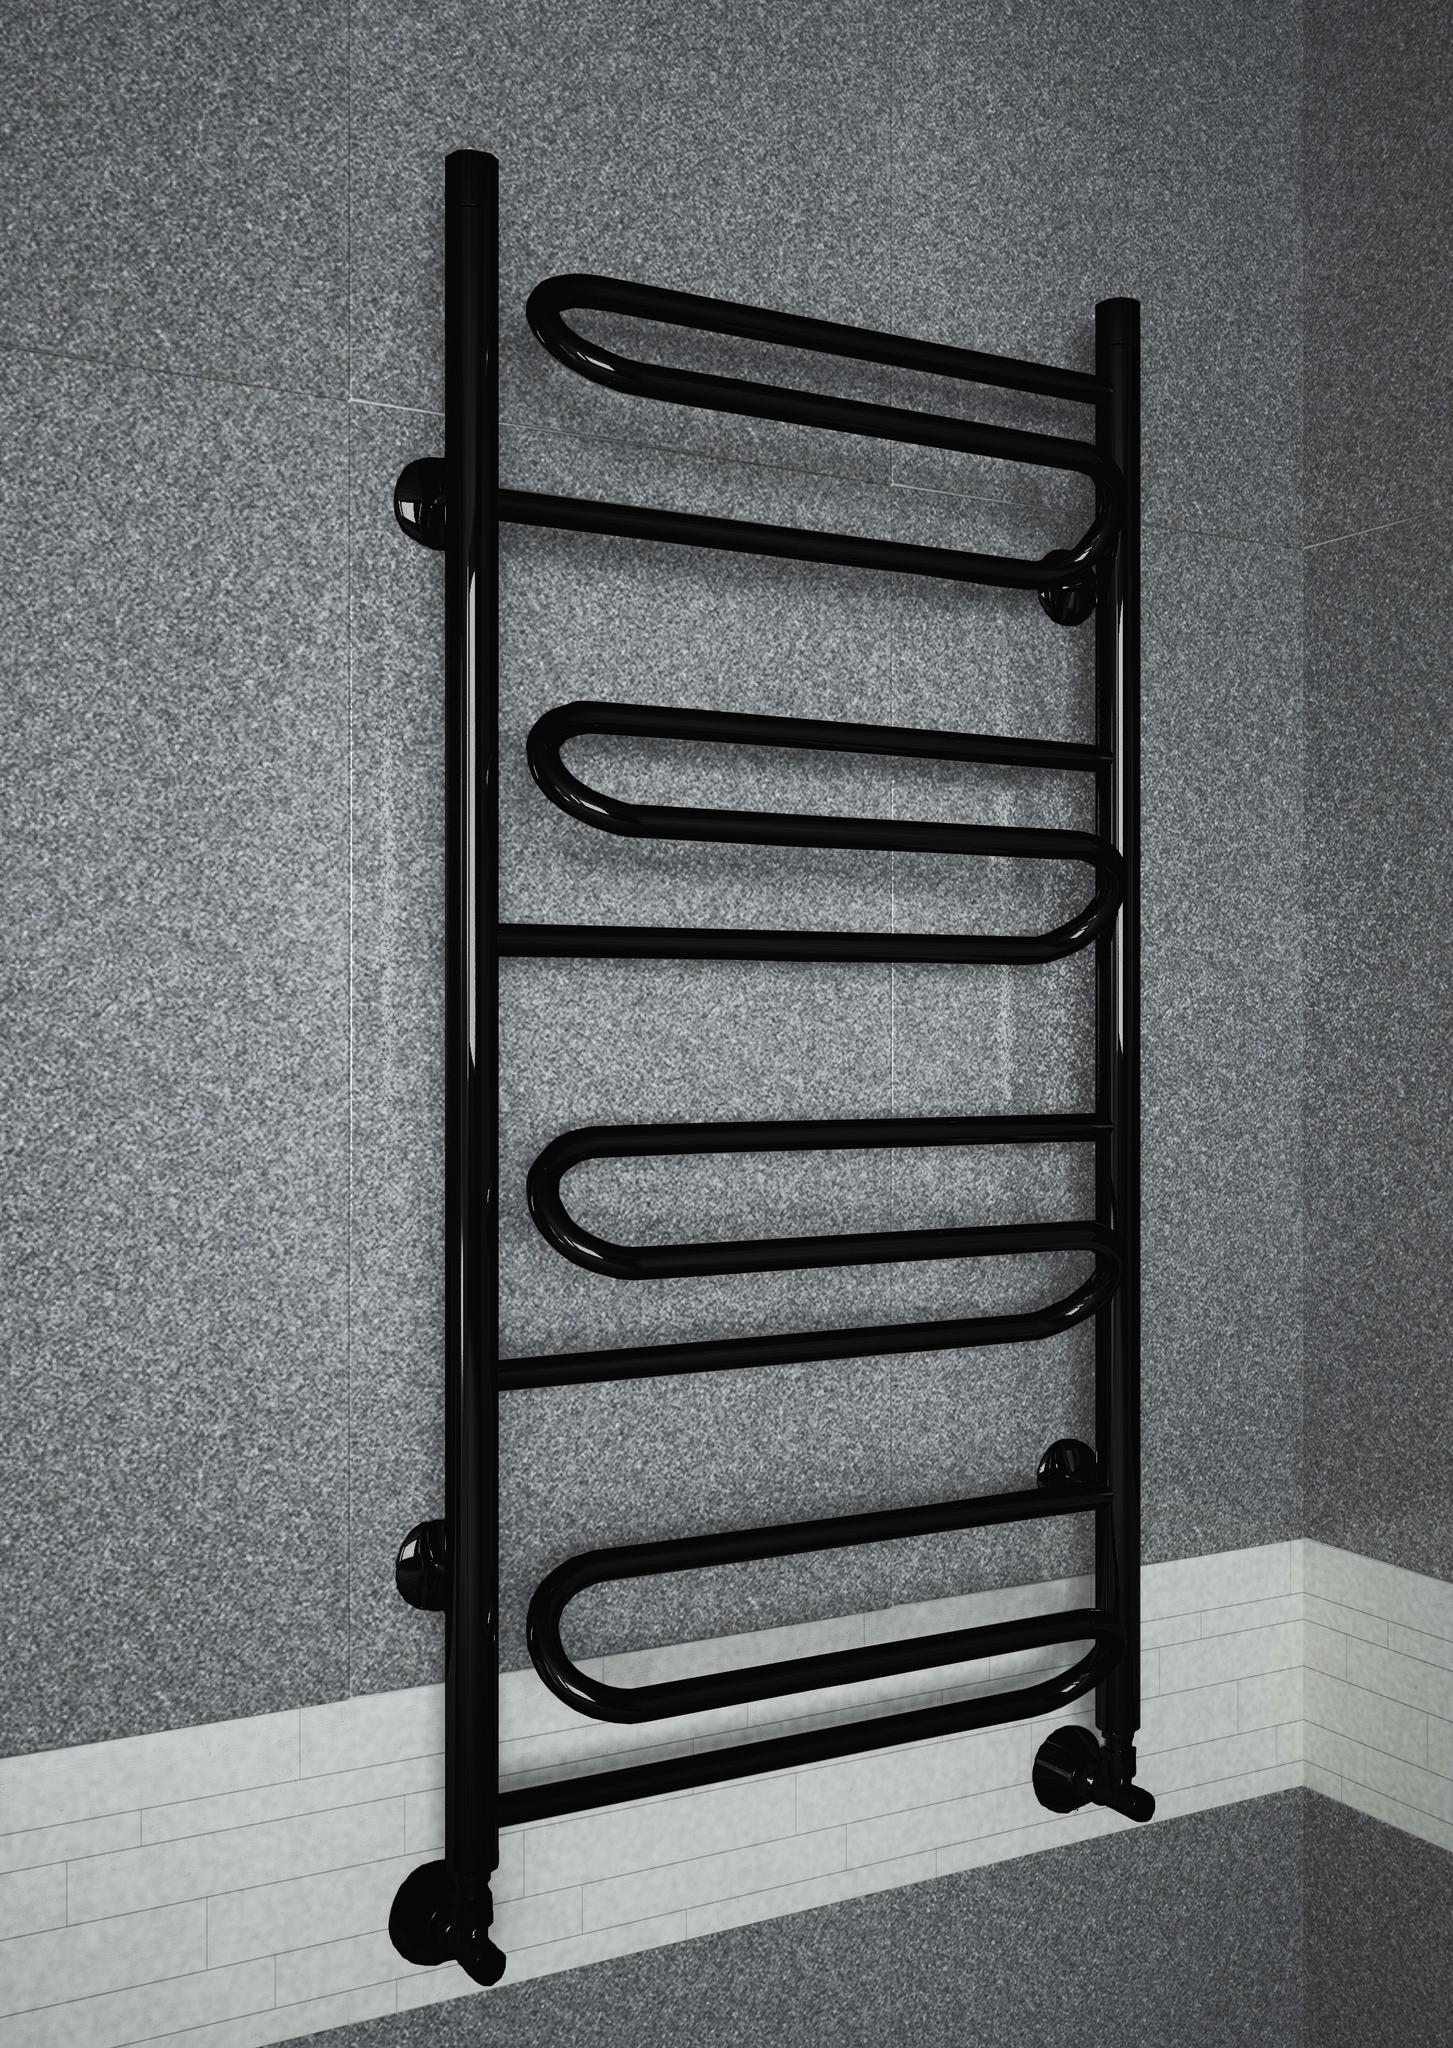 Upiter Black - черный полотенцесушитель с увеличенным пространством для сушки.